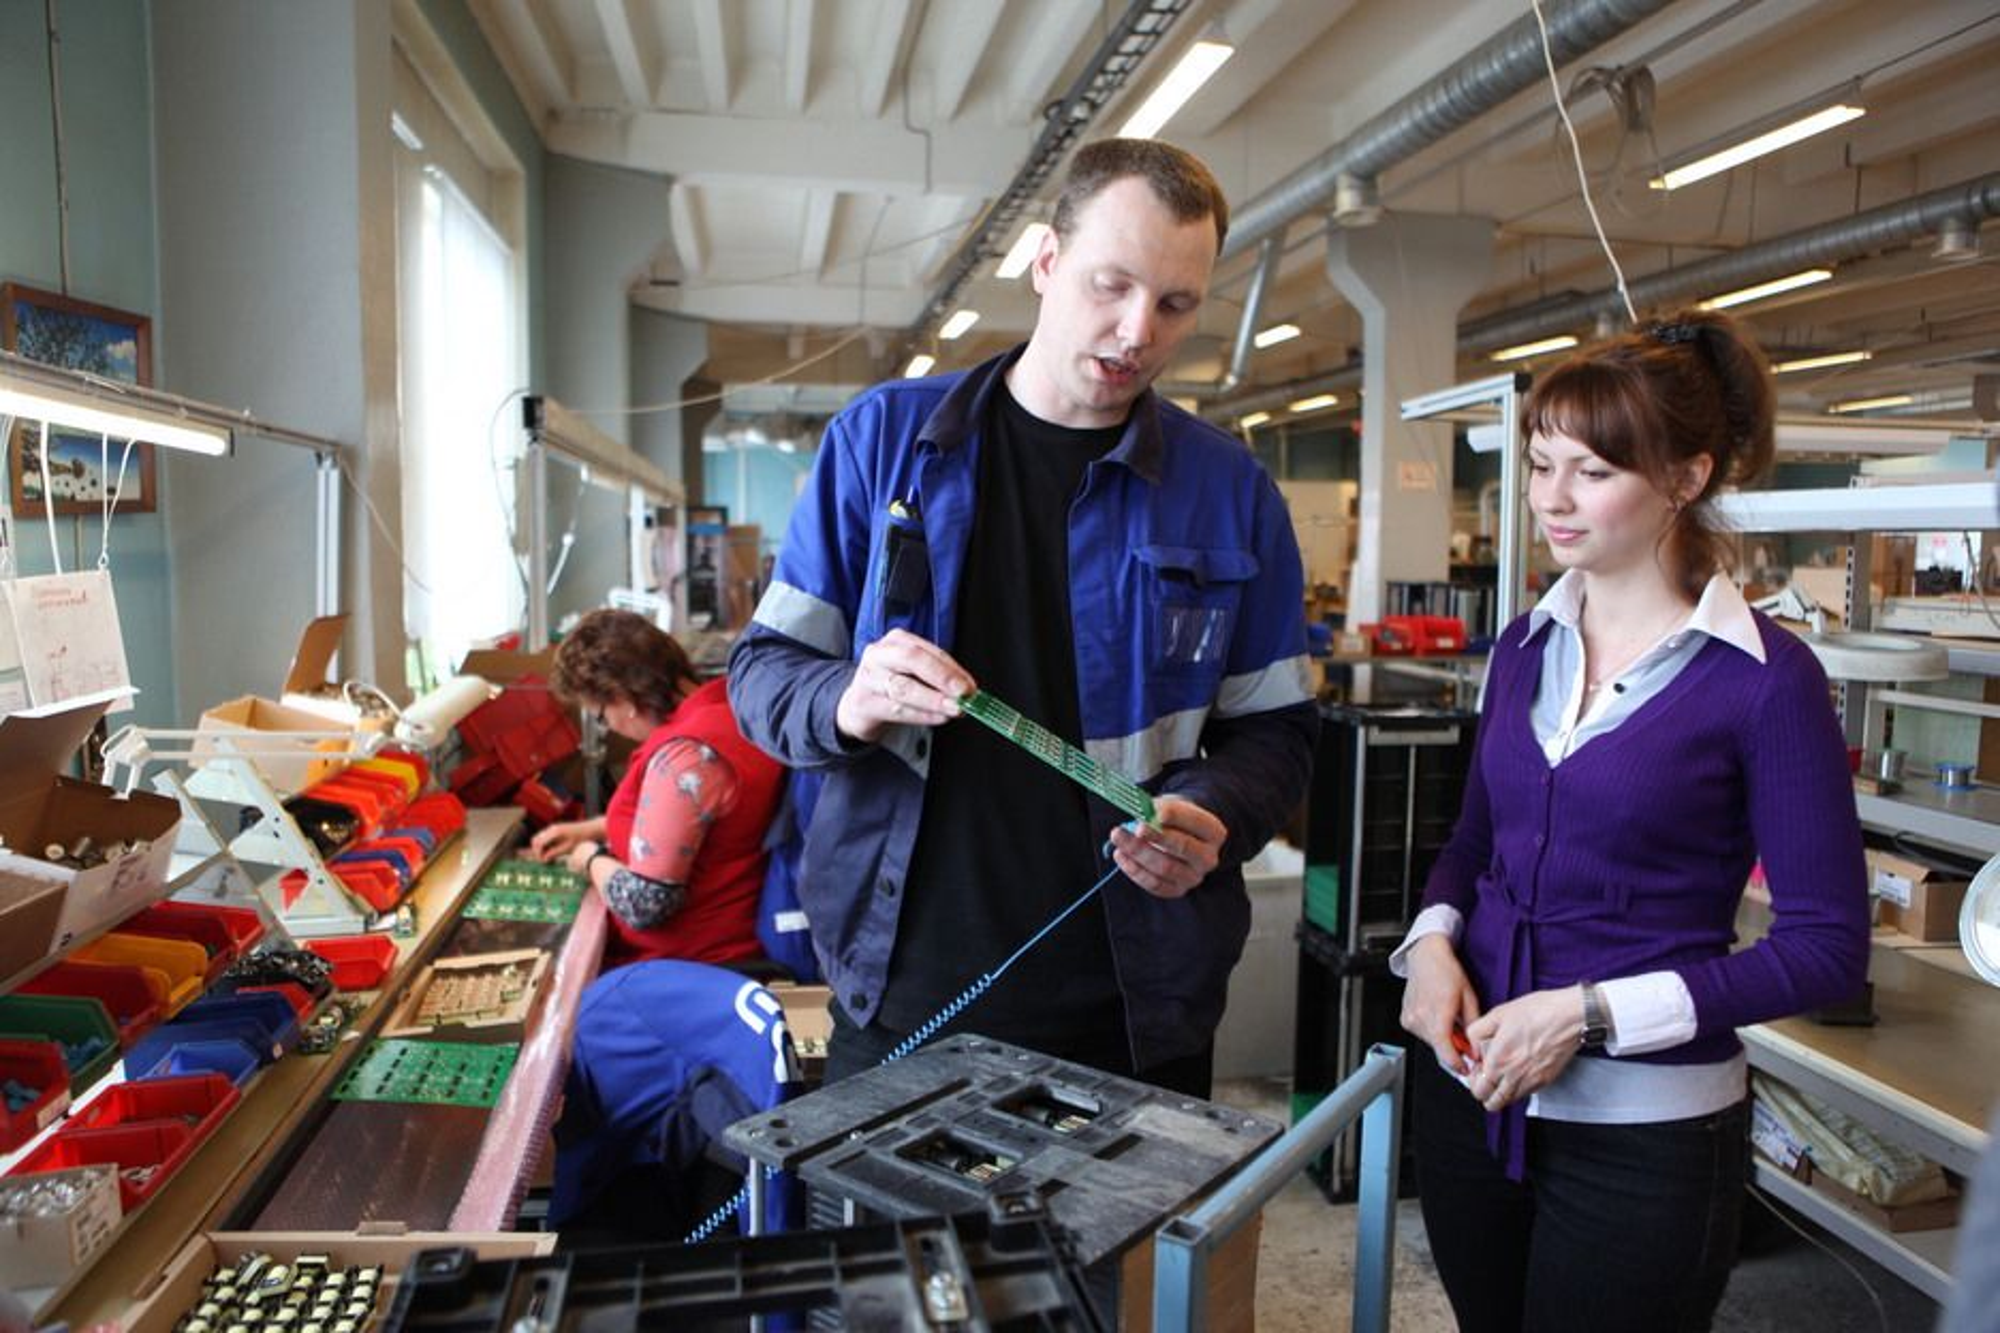 KONTROLLERER: Visedirektørene Misja Matskevitsj og Olga Sjabanova følger produksjonen i Murmansk. De ferdige produktene sendes til Kirkenes, hvor de skipes ut på verdensmarkedet.